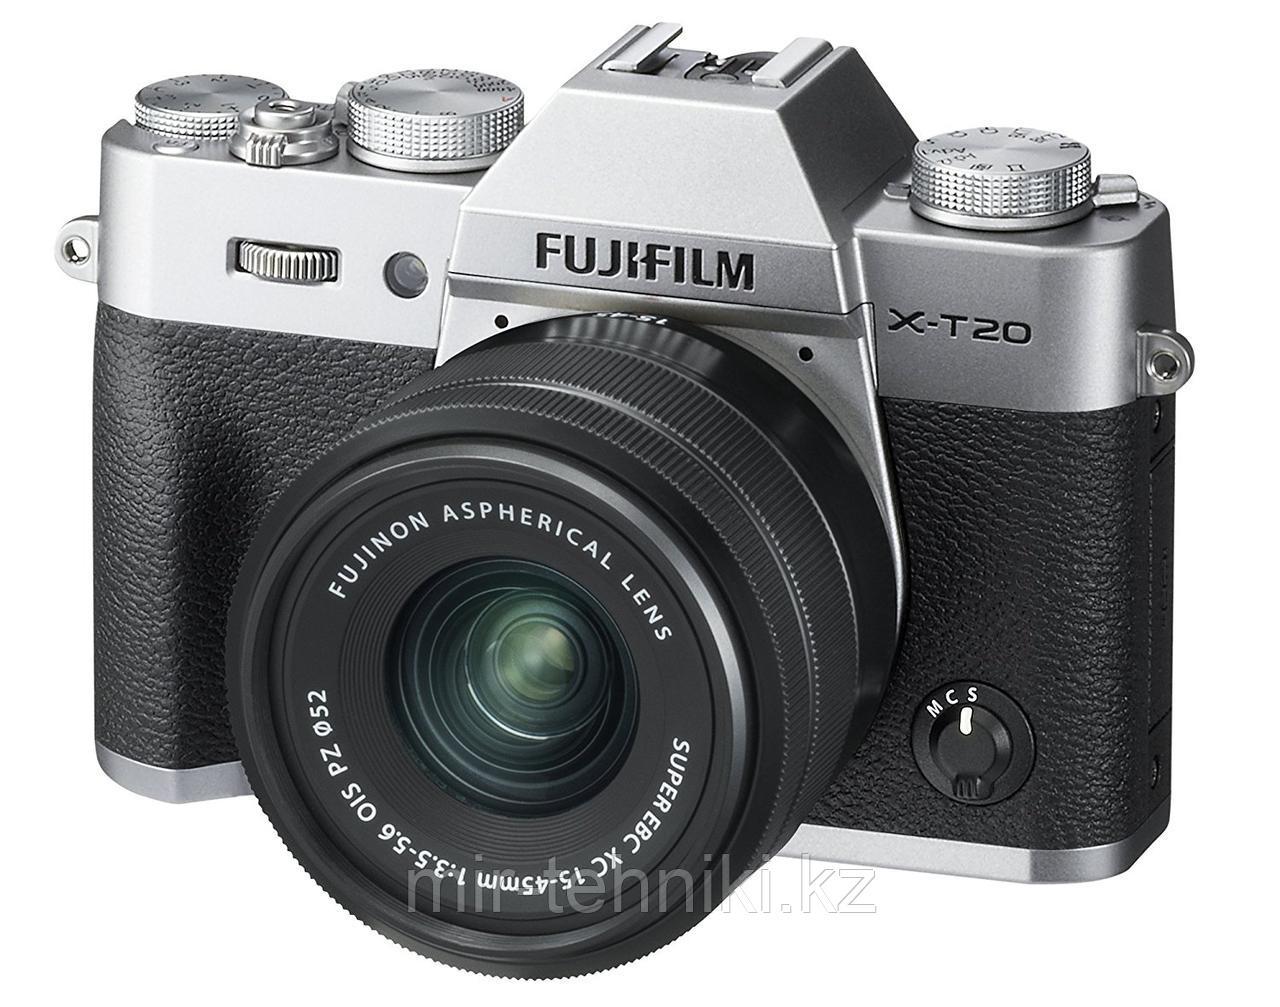 Fujifilm X-T20 kit XC 15-45mm F3.5-5.6 OIS PZ Silver